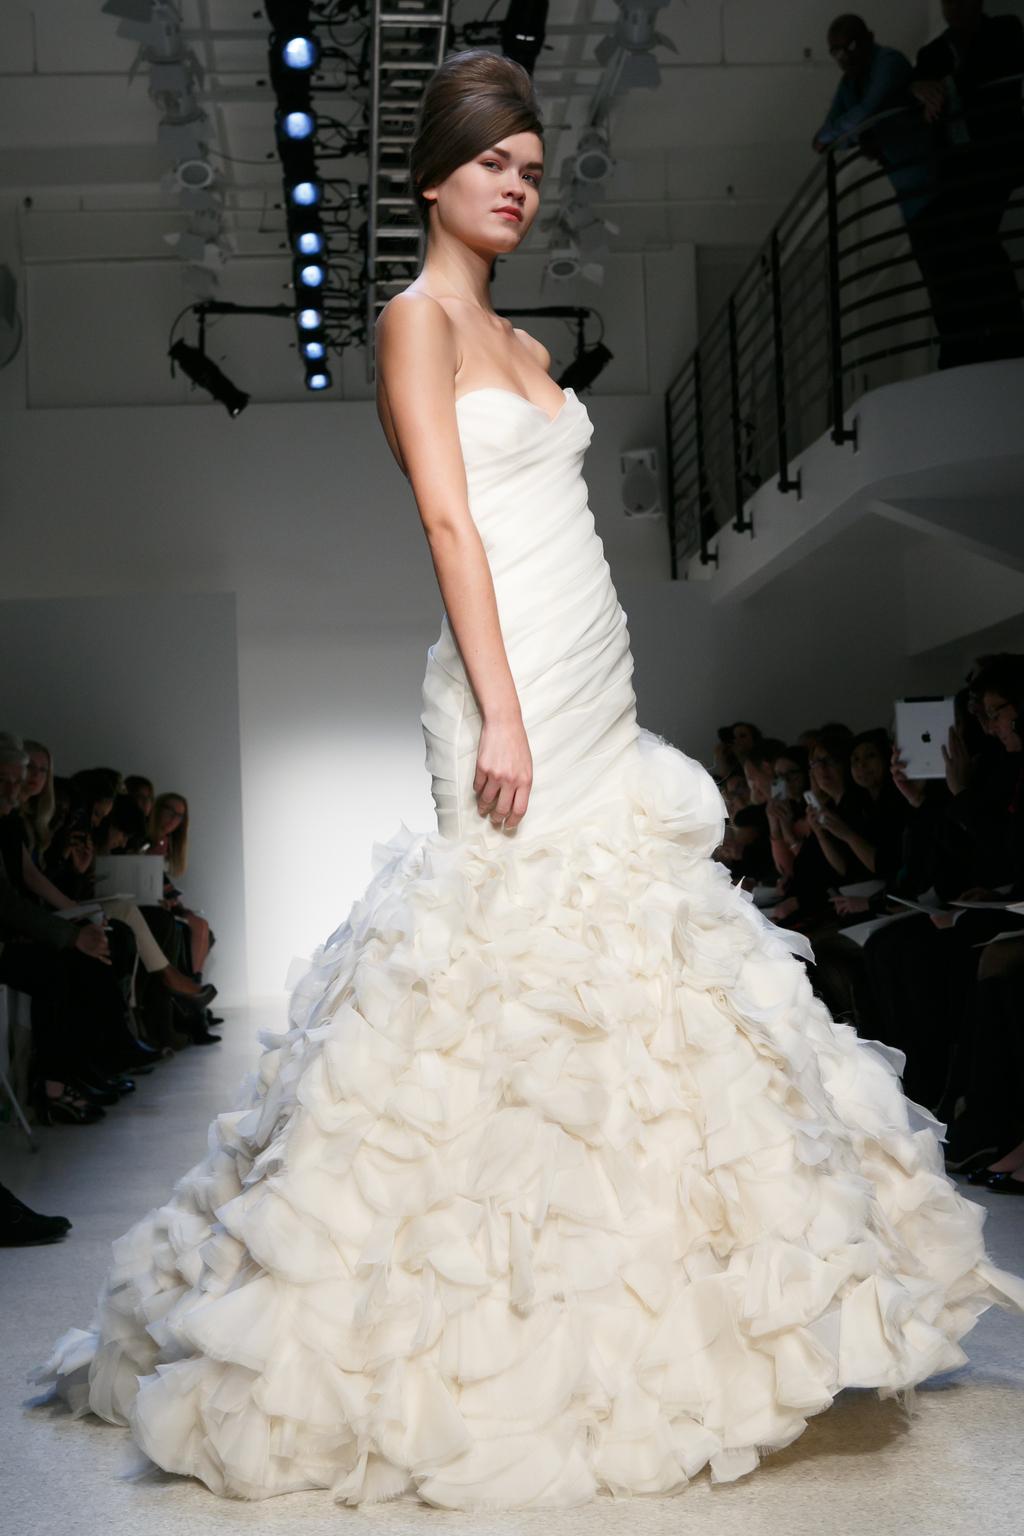 Fall-2013-wedding-dress-kenneth-pool-by-amsale-bridal-gowns-9b.full